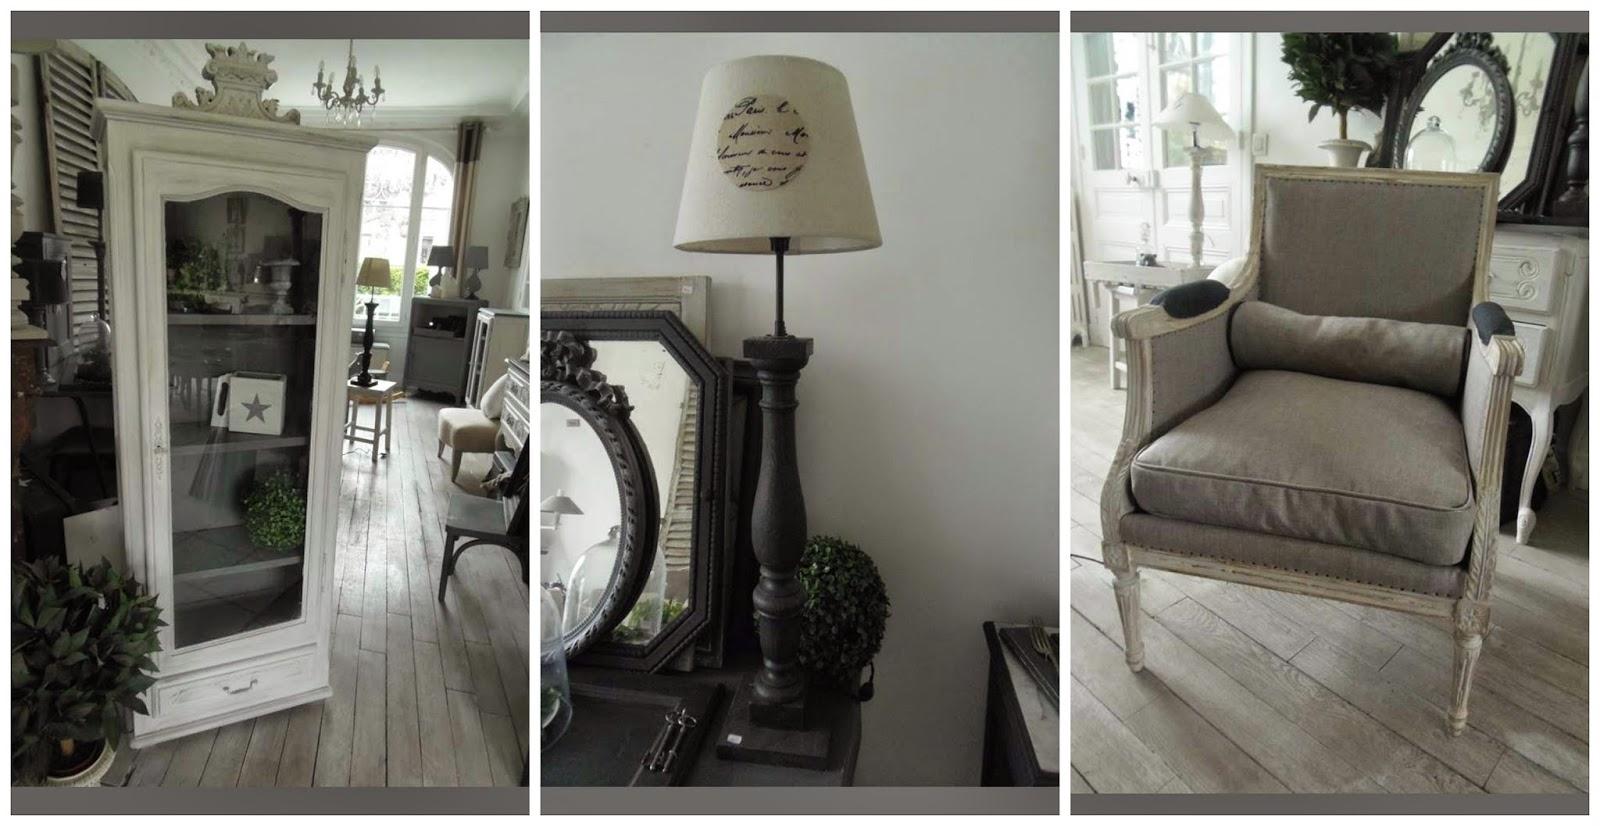 paris l 39 ouest atelier des 4 saisons vente meubles relook s. Black Bedroom Furniture Sets. Home Design Ideas